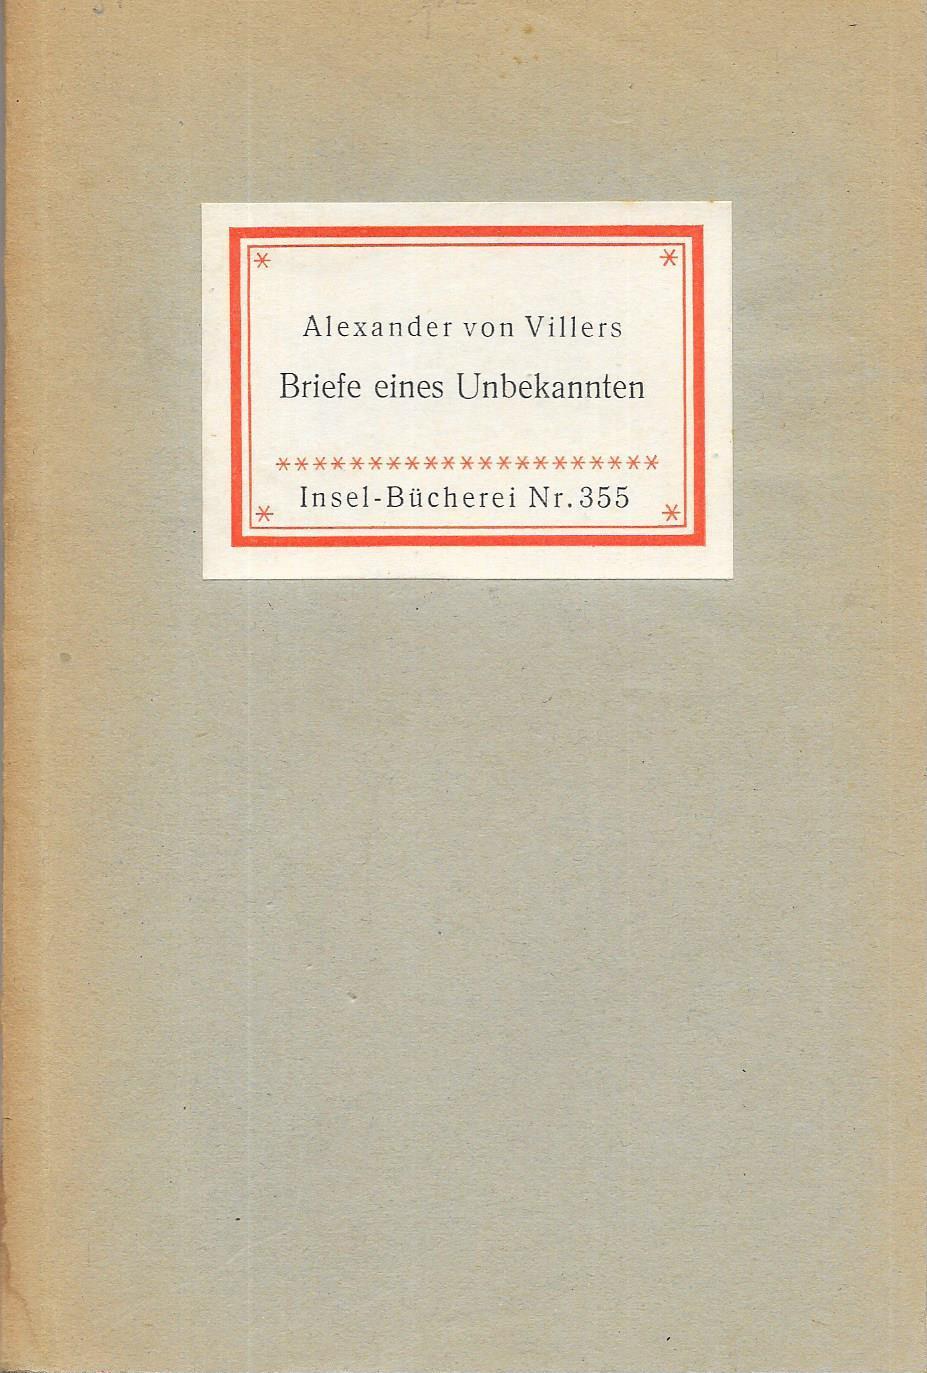 Insel-Bücherei Nr.355 13.- 22.Tsd., Briefe eines Unbekannten: Alexander von Villers